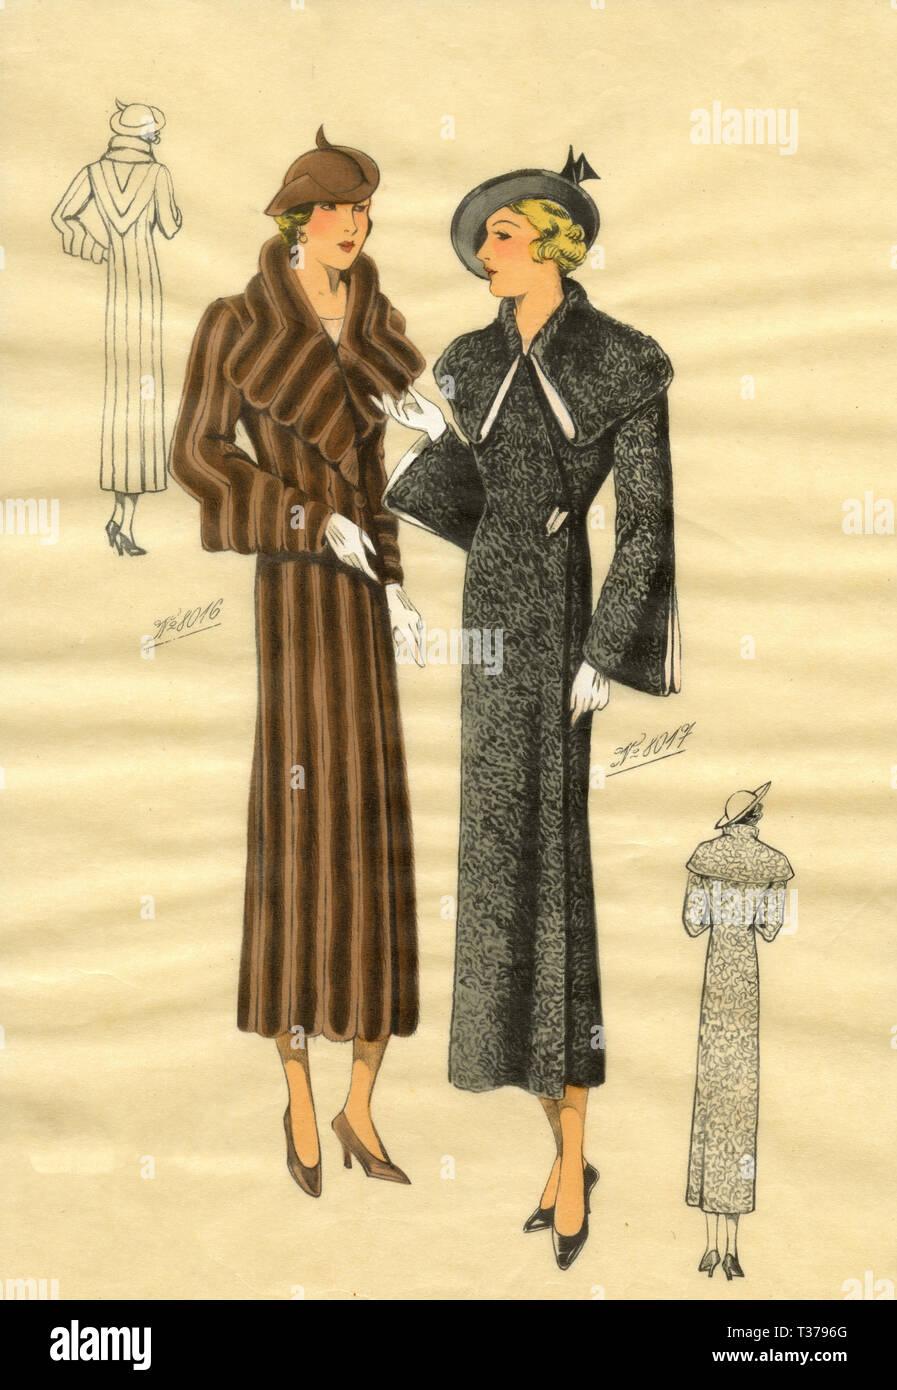 mode der 1930er jahre stockfotos und -bilder kaufen - alamy